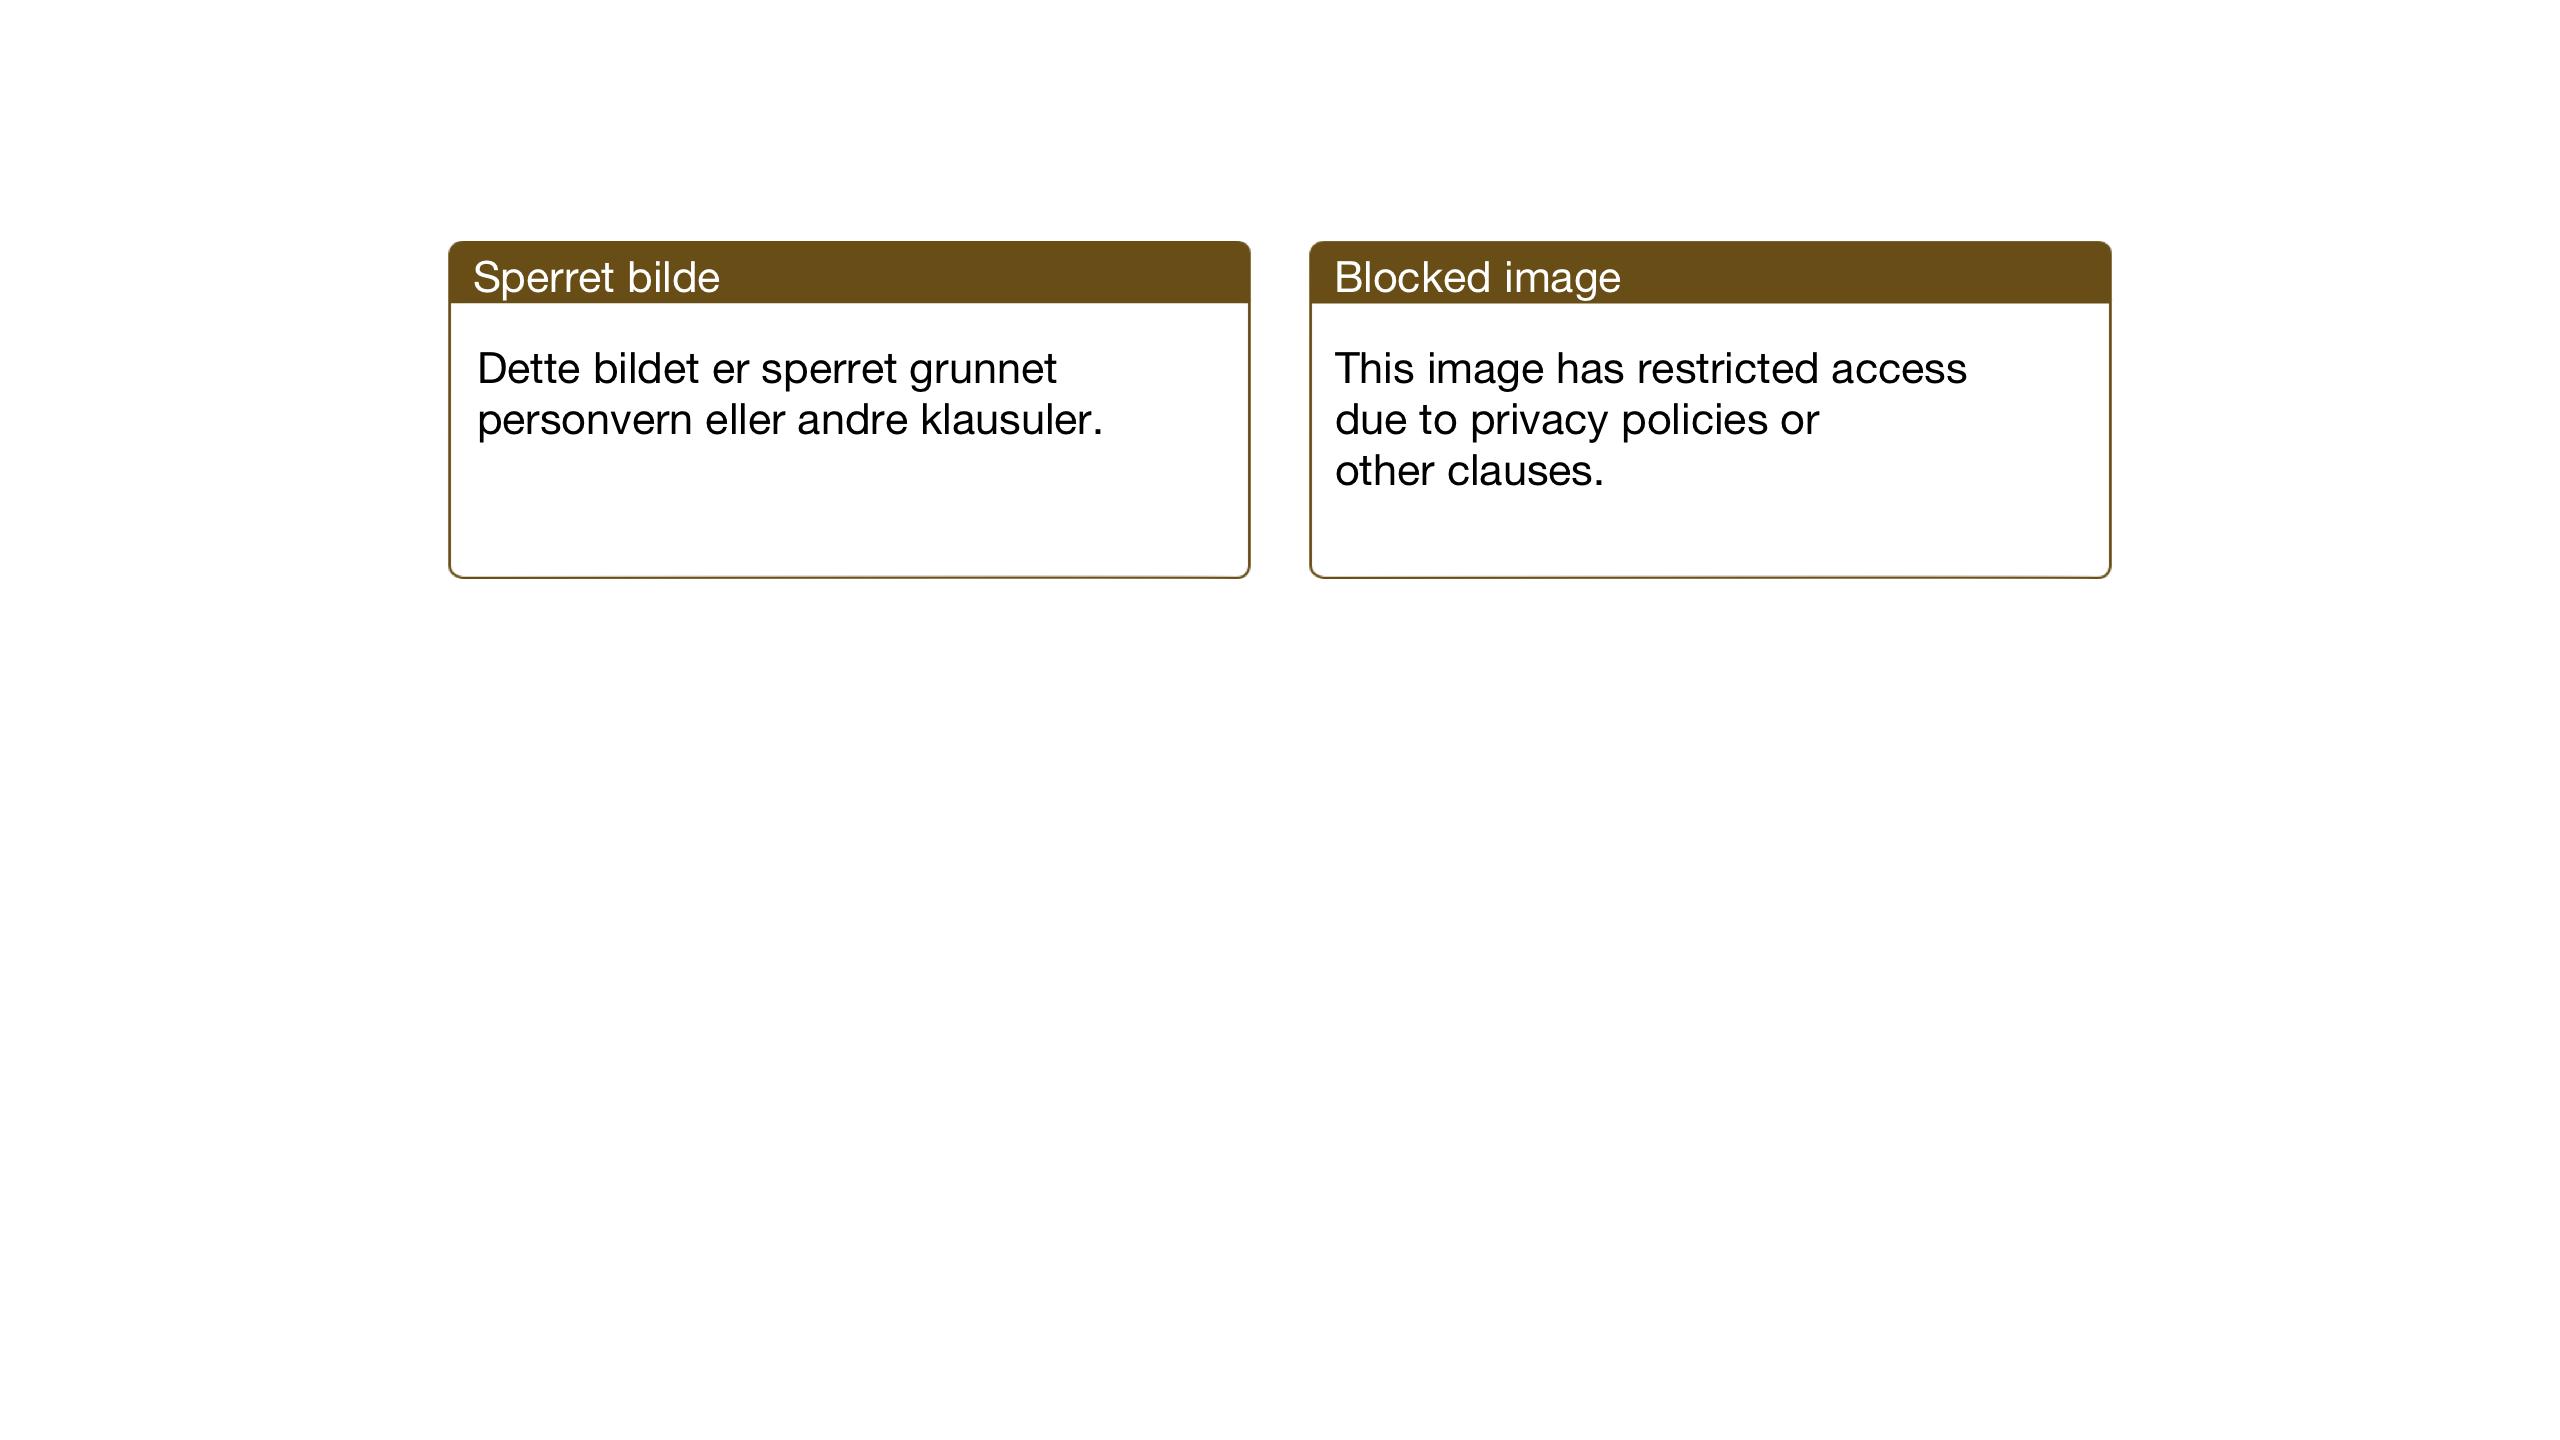 SAT, Ministerialprotokoller, klokkerbøker og fødselsregistre - Sør-Trøndelag, 653/L0658: Klokkerbok nr. 653C02, 1919-1947, s. 138